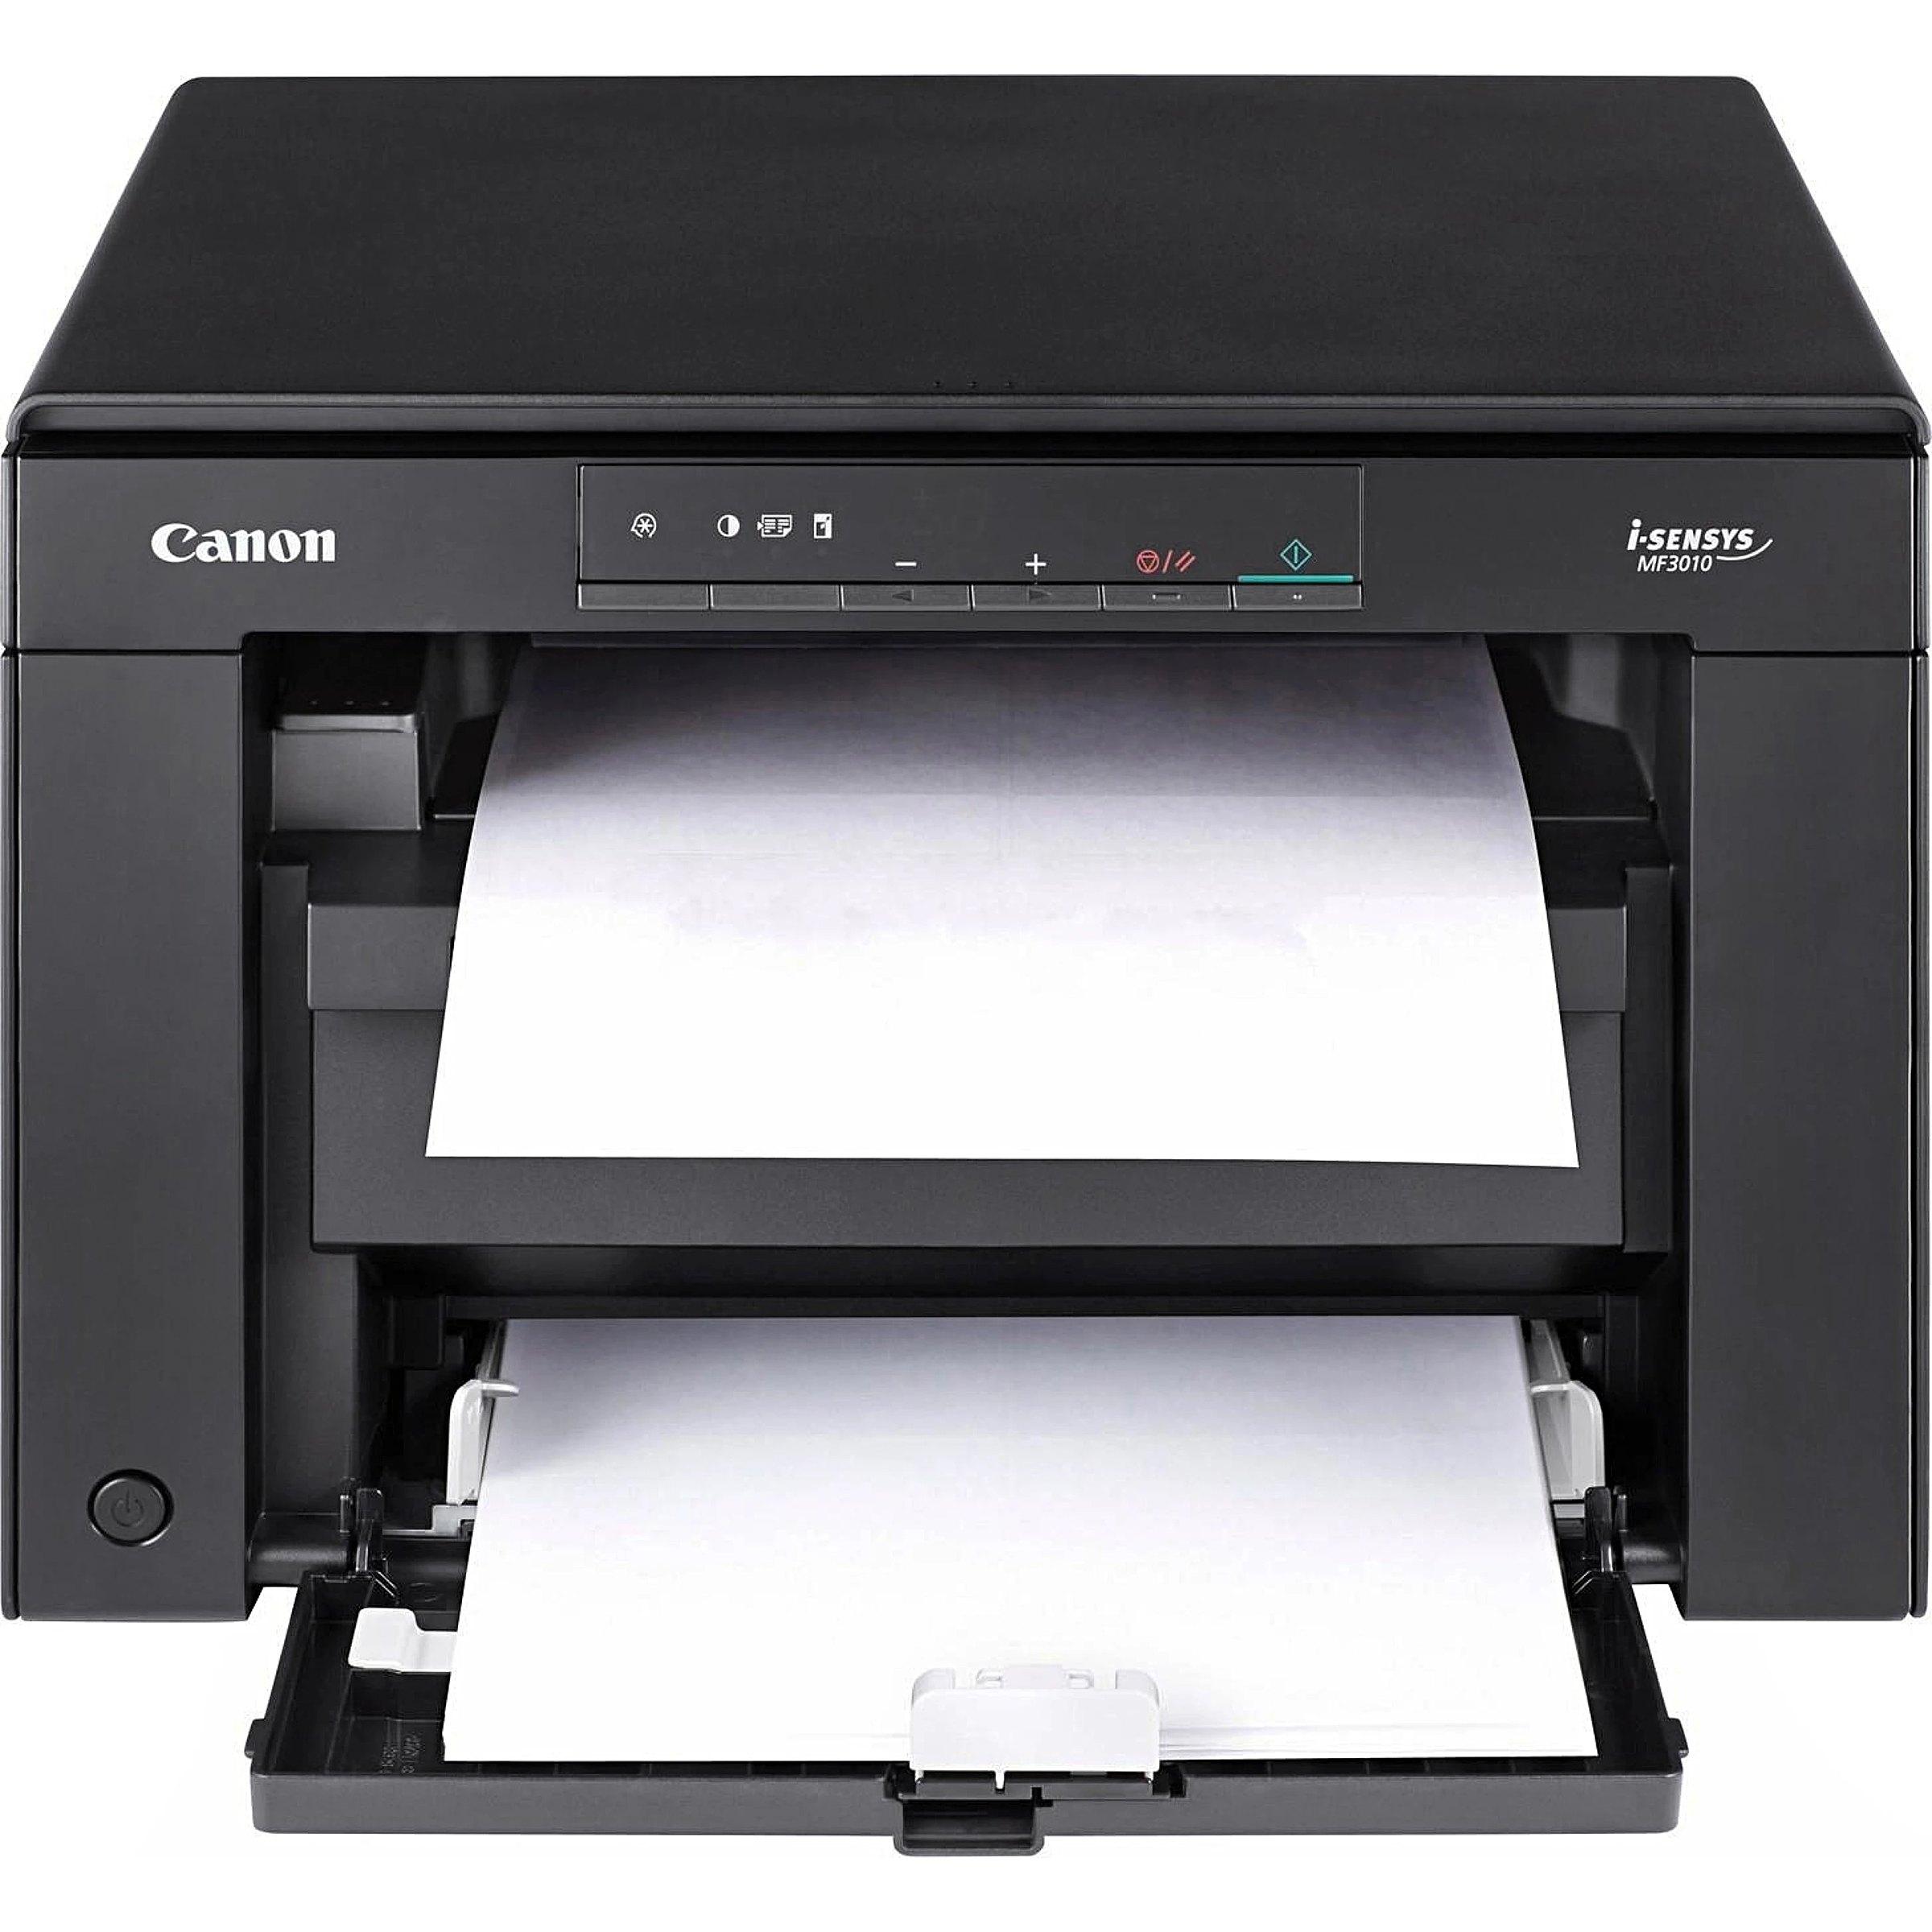 лазерный принтер печать картинок проекта была